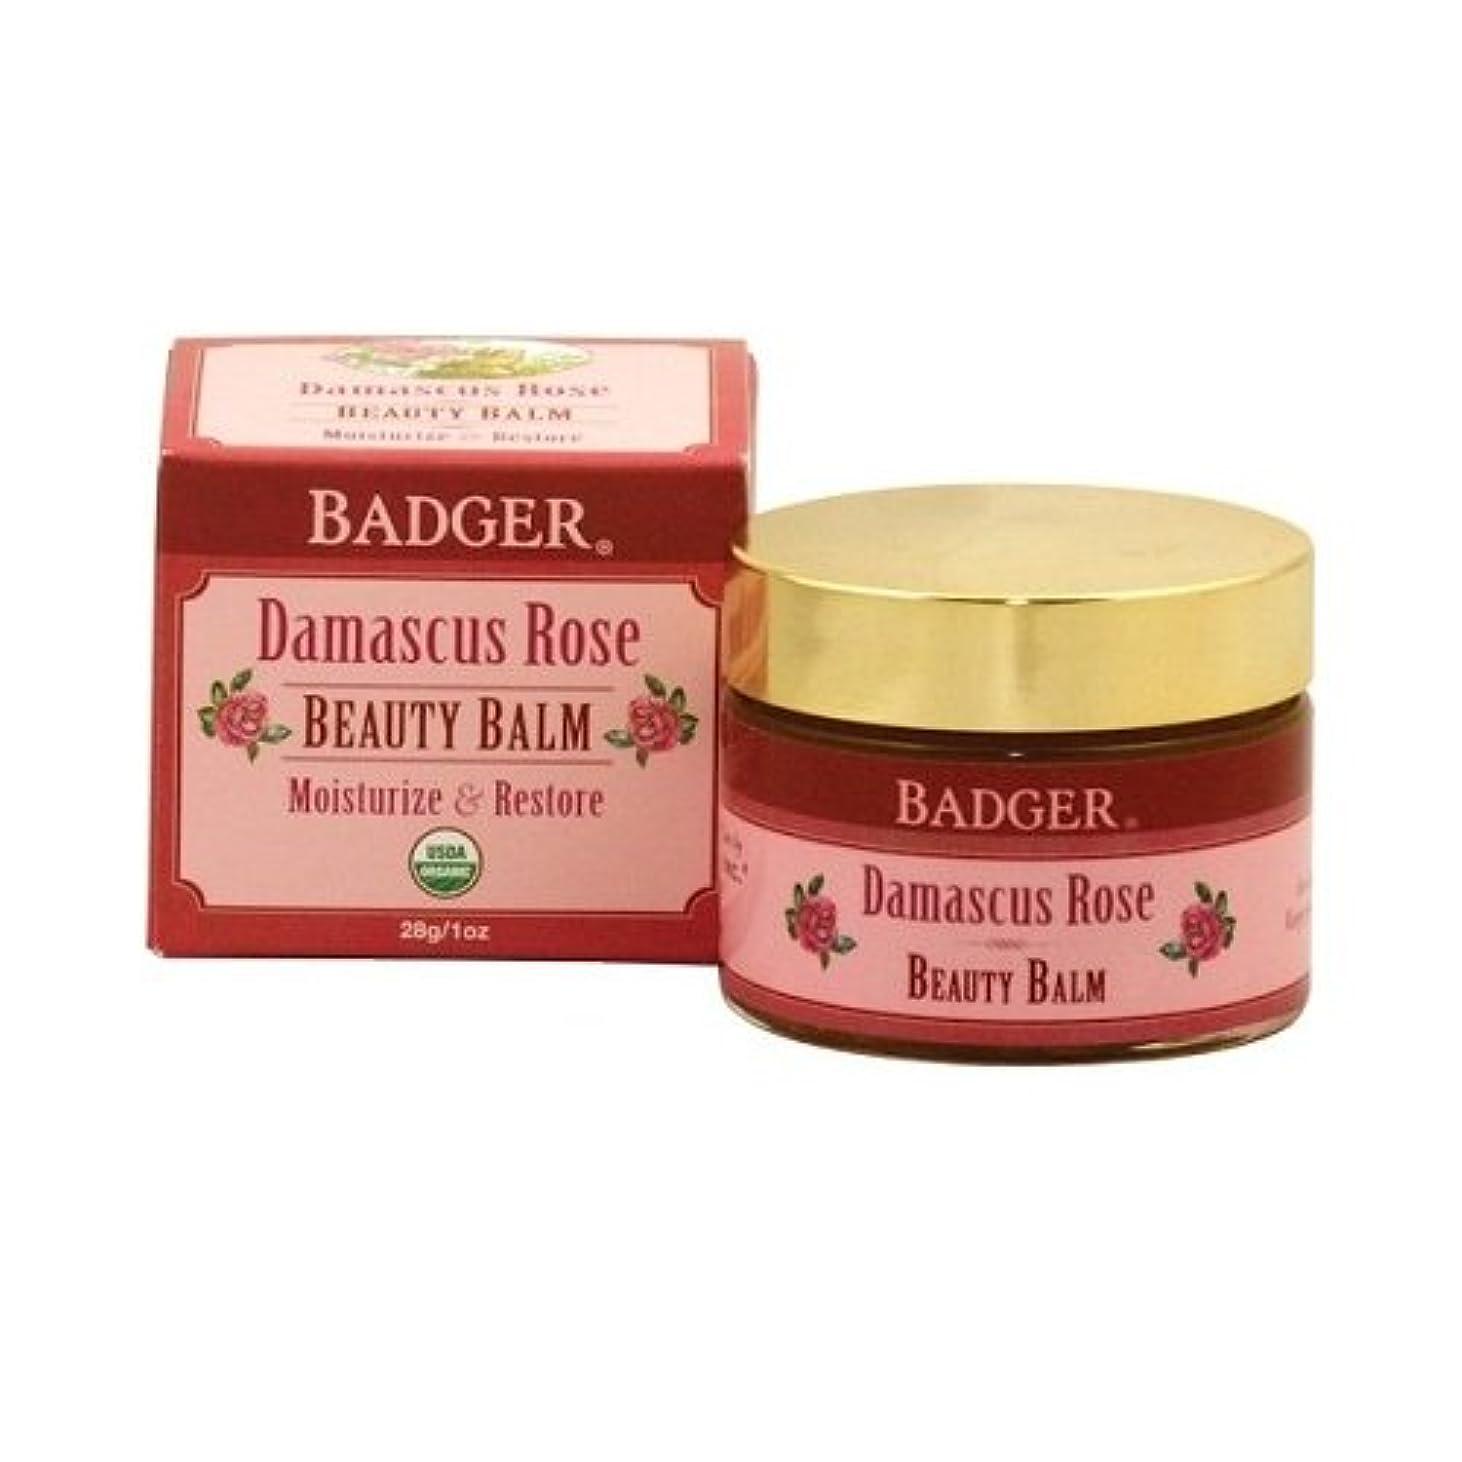 たまに純粋に反逆Badger バジャー オーガニックダマスカスローズ 美容クリーム 28g【海外直送品】【並行輸入品】